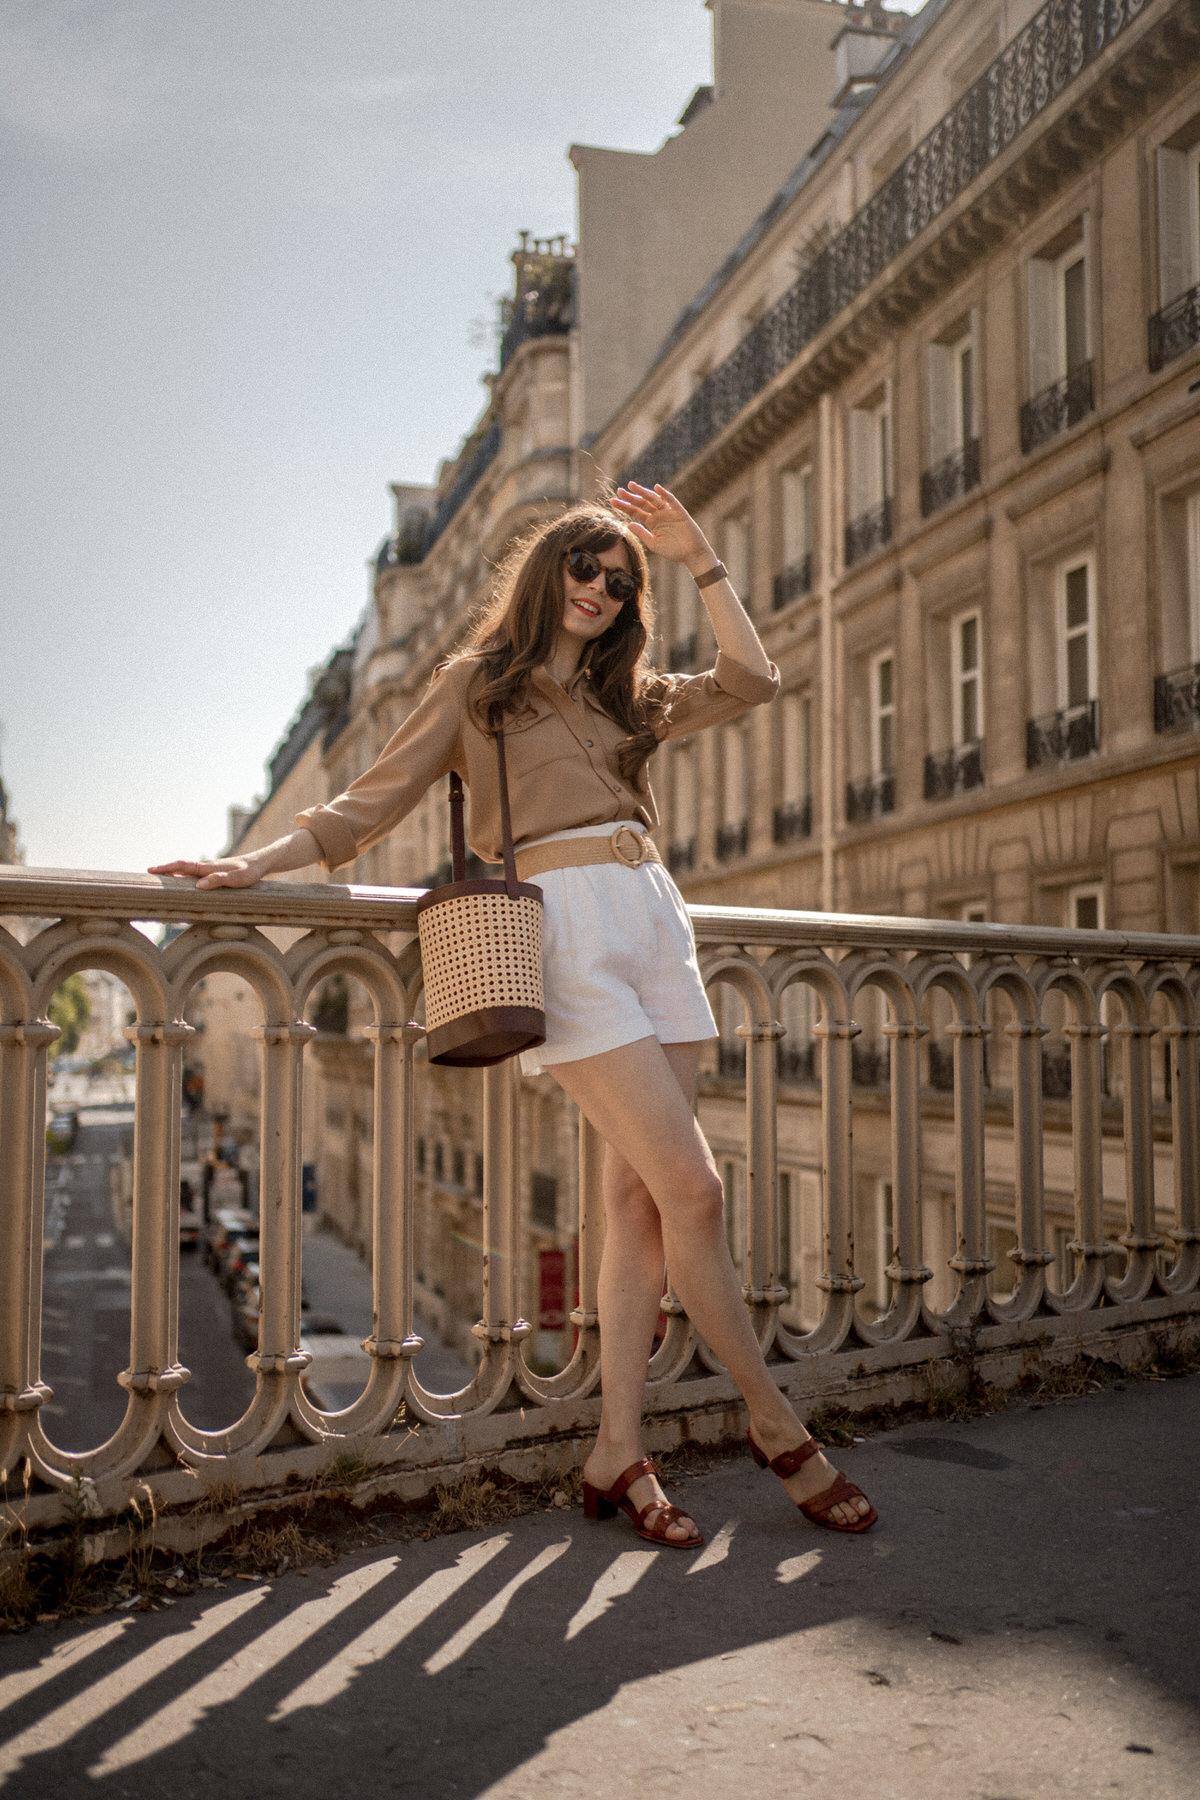 comment-porter-short-habillé-en-ville-10